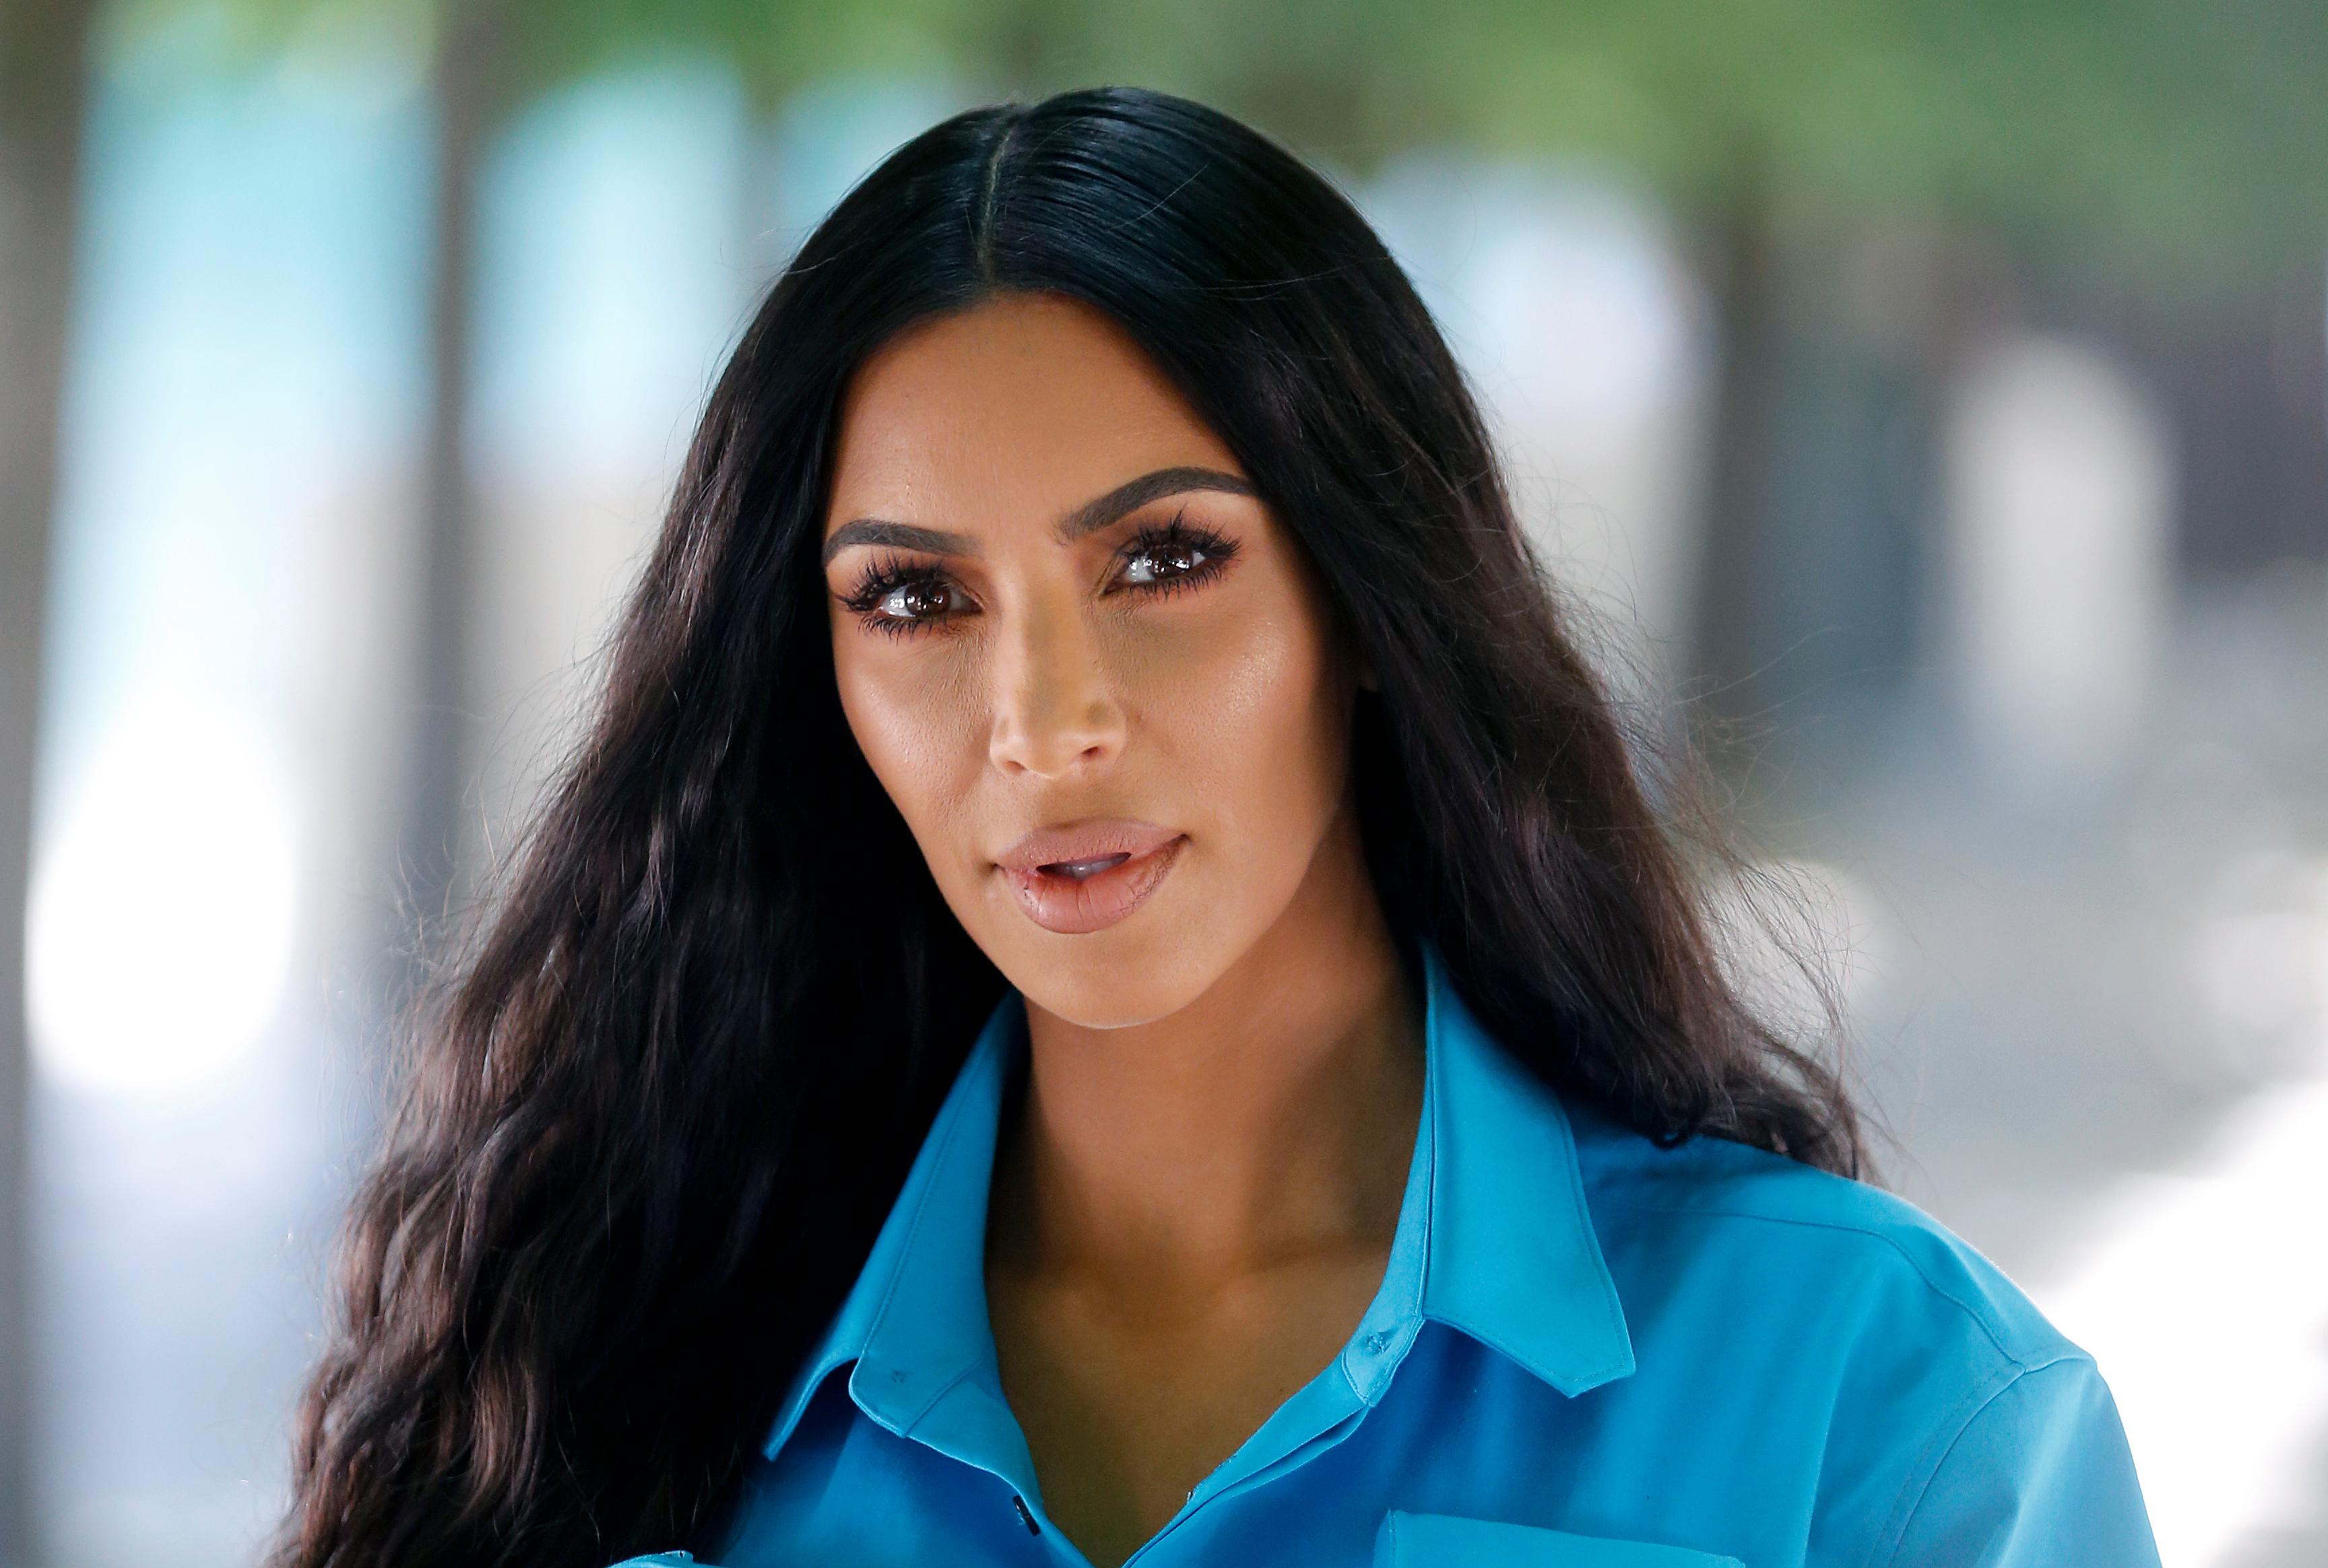 La cuenta de Twitter de Kim Kardashian también ha sido blanco de hackers